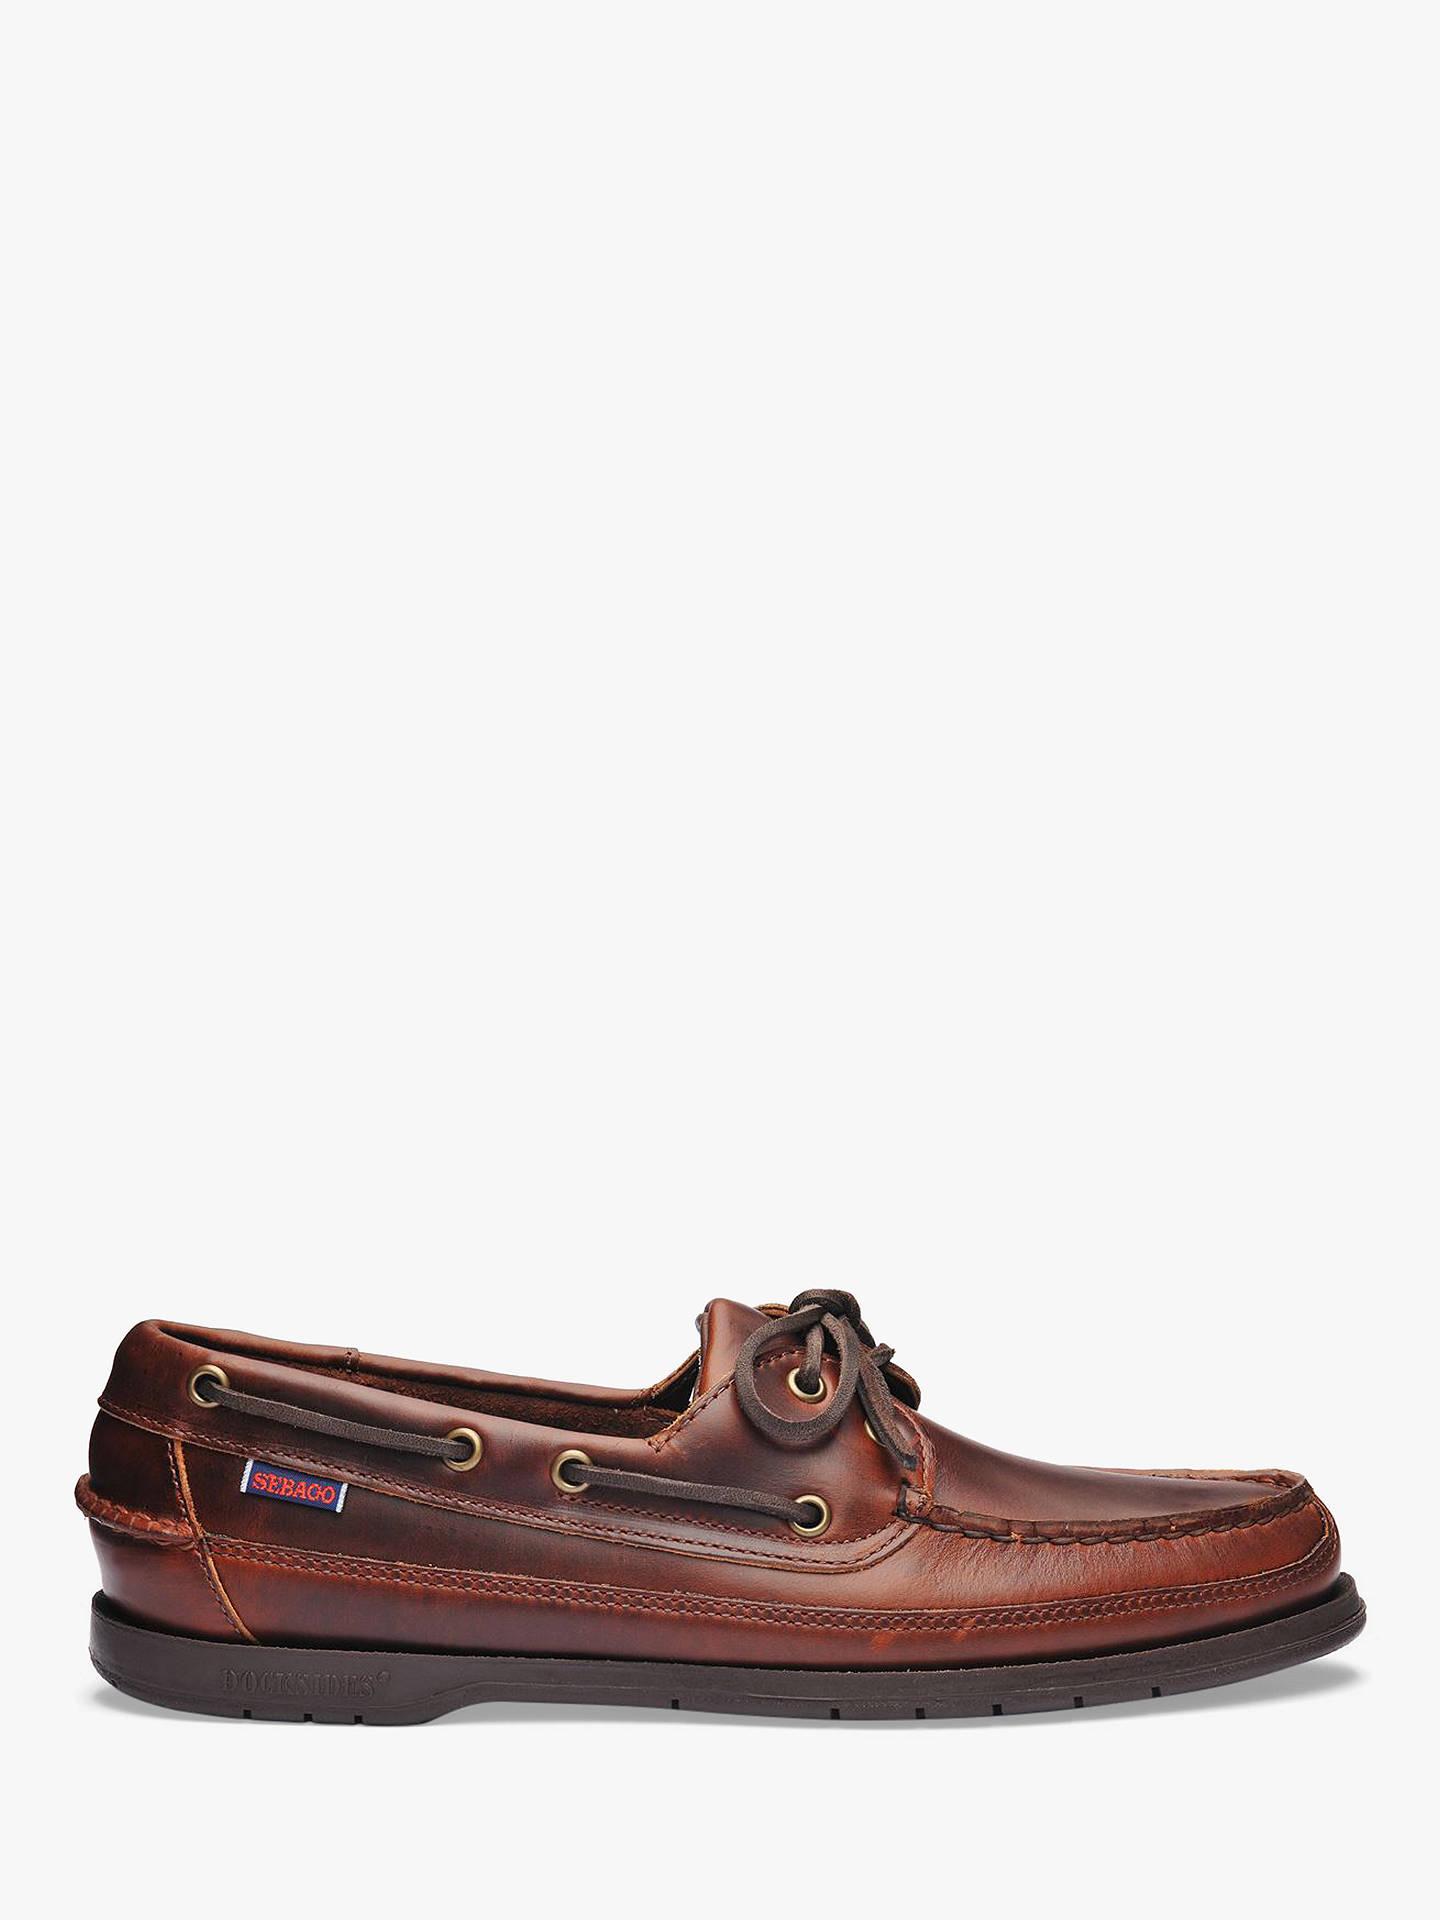 564d8220cb Buy Sebago Schooner Leather Boat Shoes